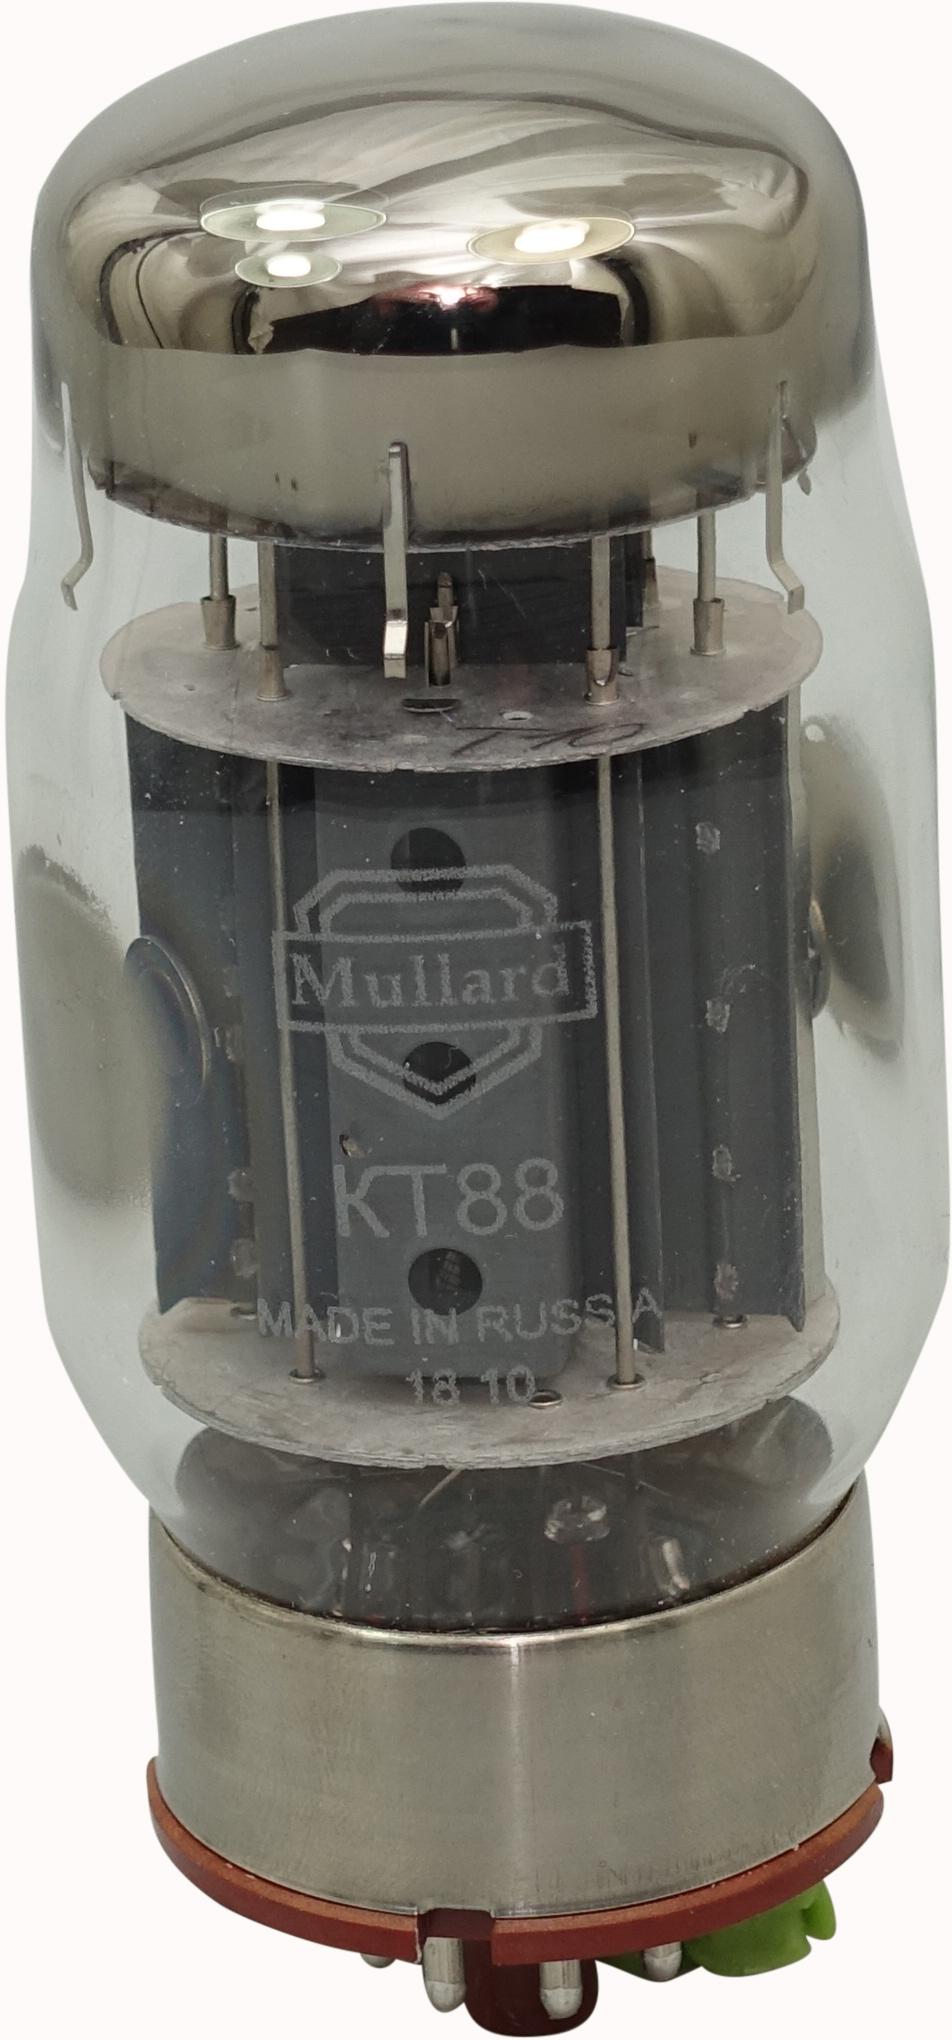 KT88 Mullard